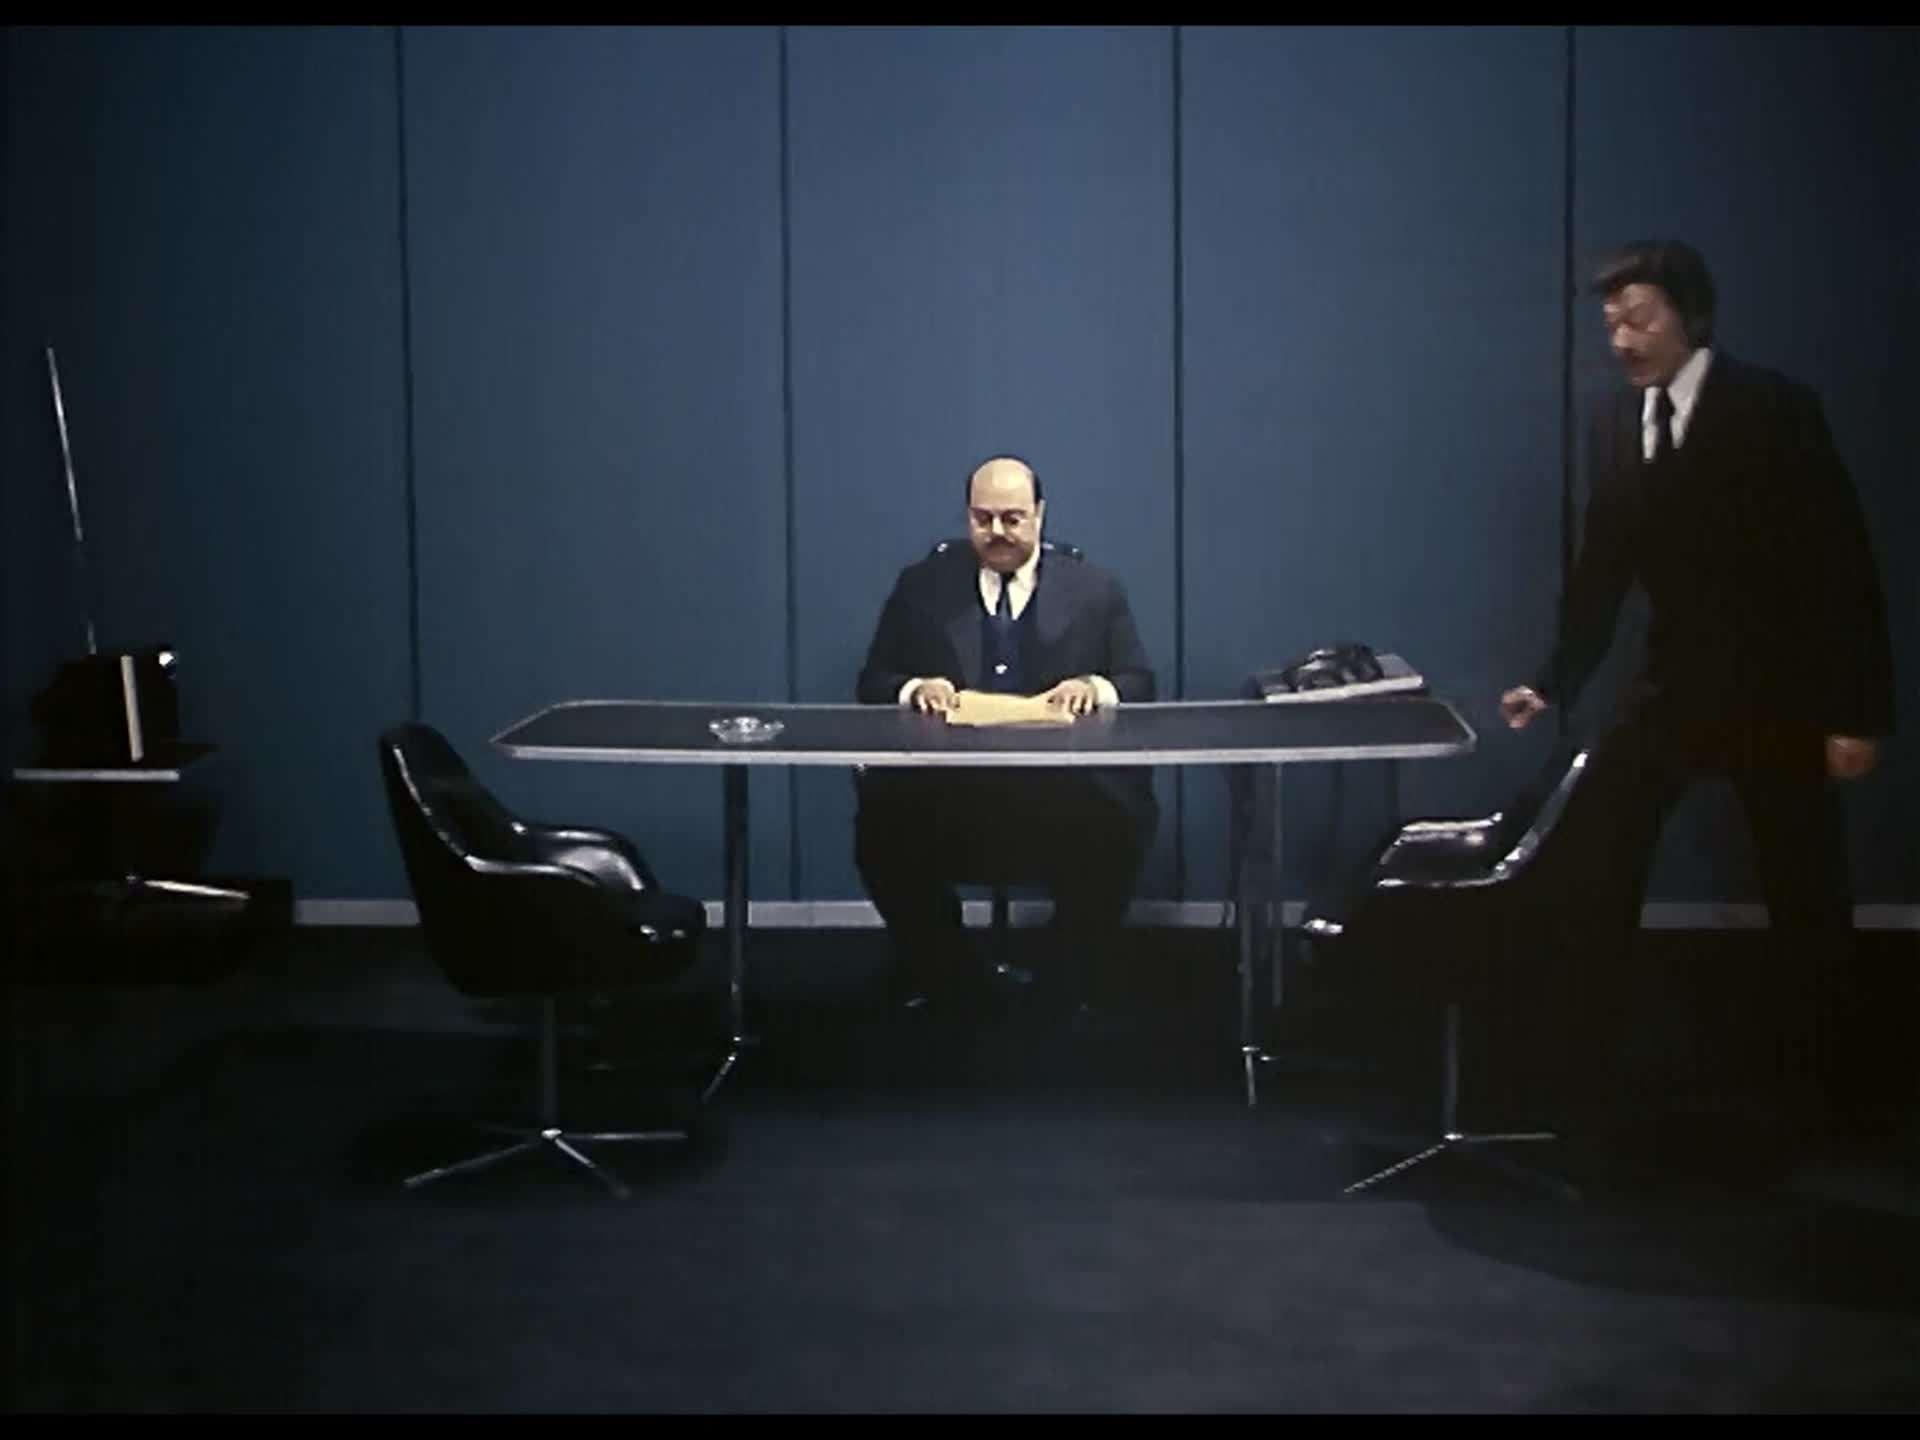 [فيلم][تورنت][تحميل][وراء الشمس][1978][1080p][Web-DL] 4 arabp2p.com